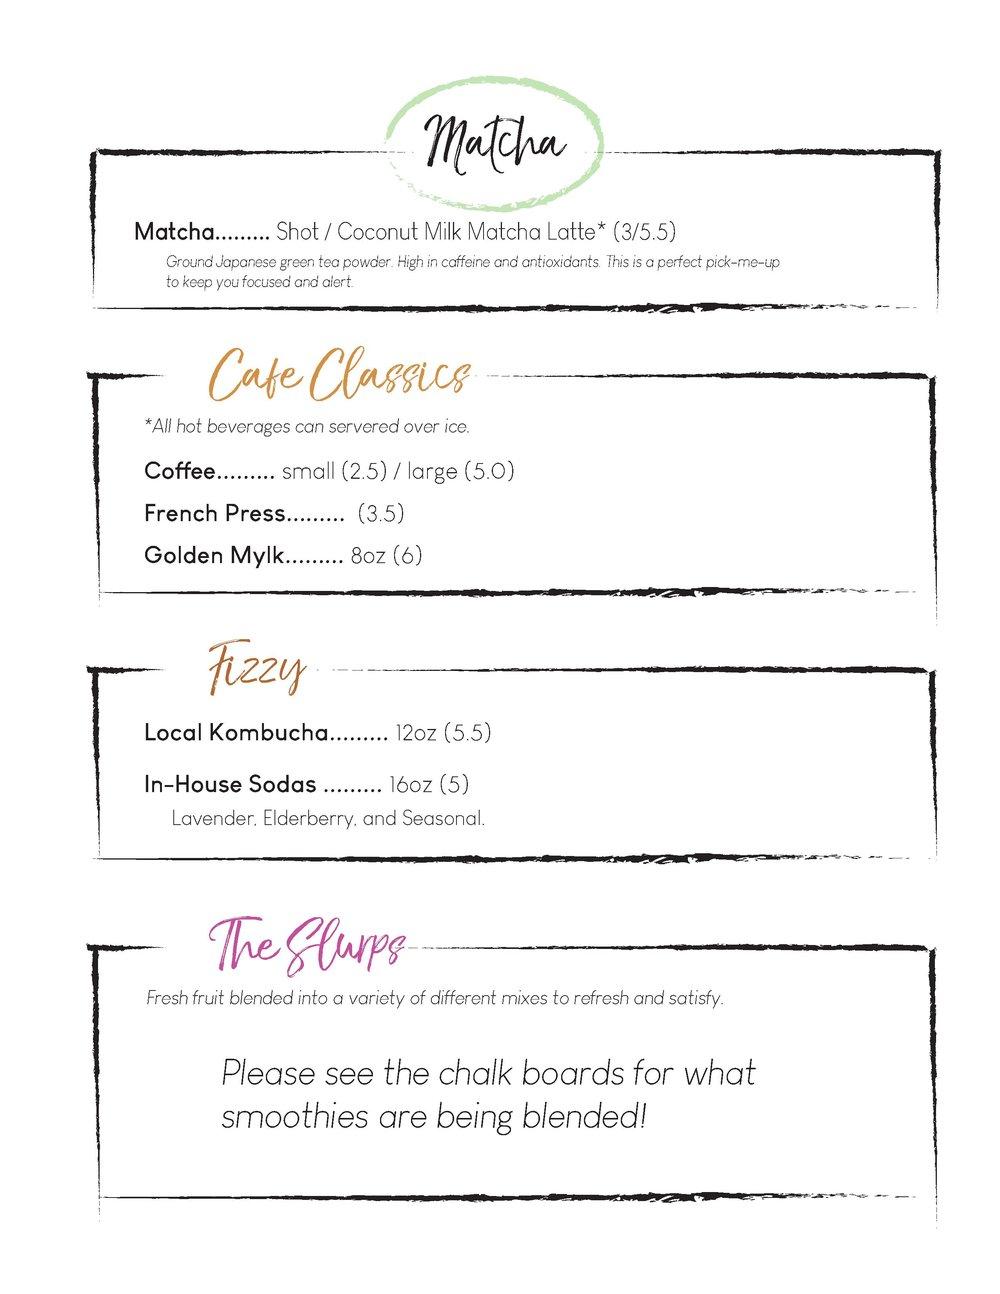 HTH menu.jpg